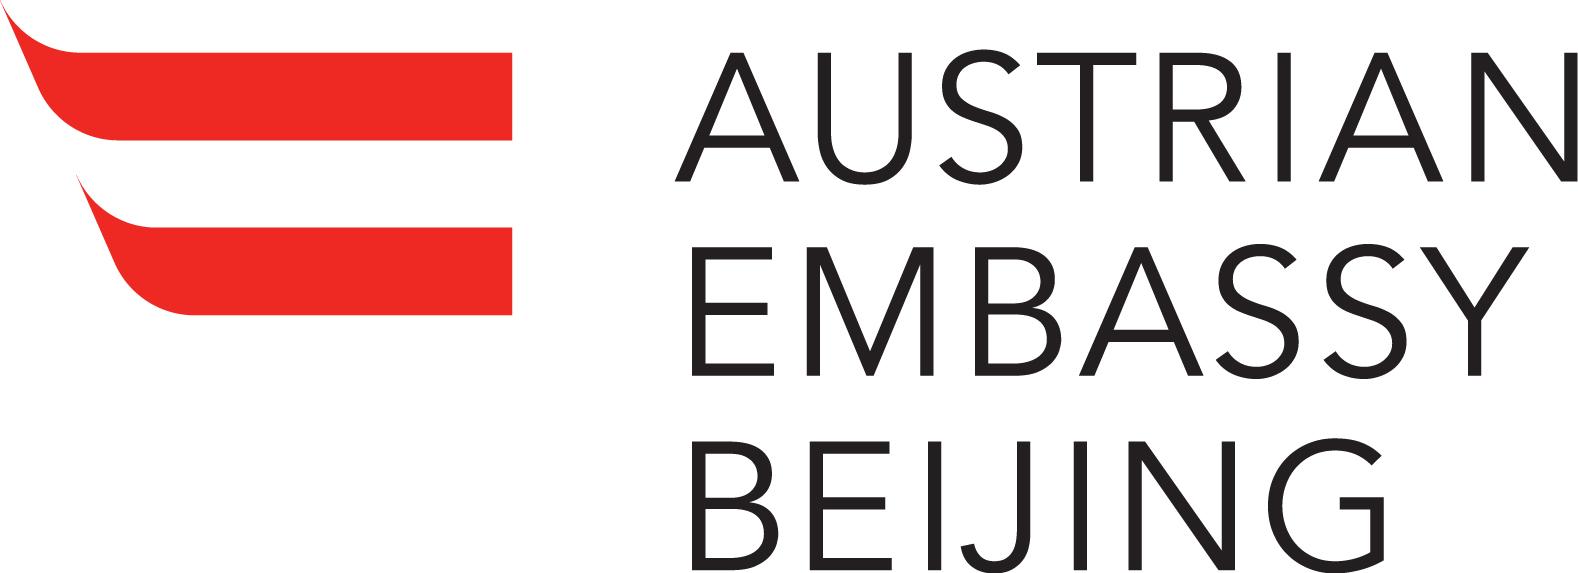 Austrian Embassy.jpg